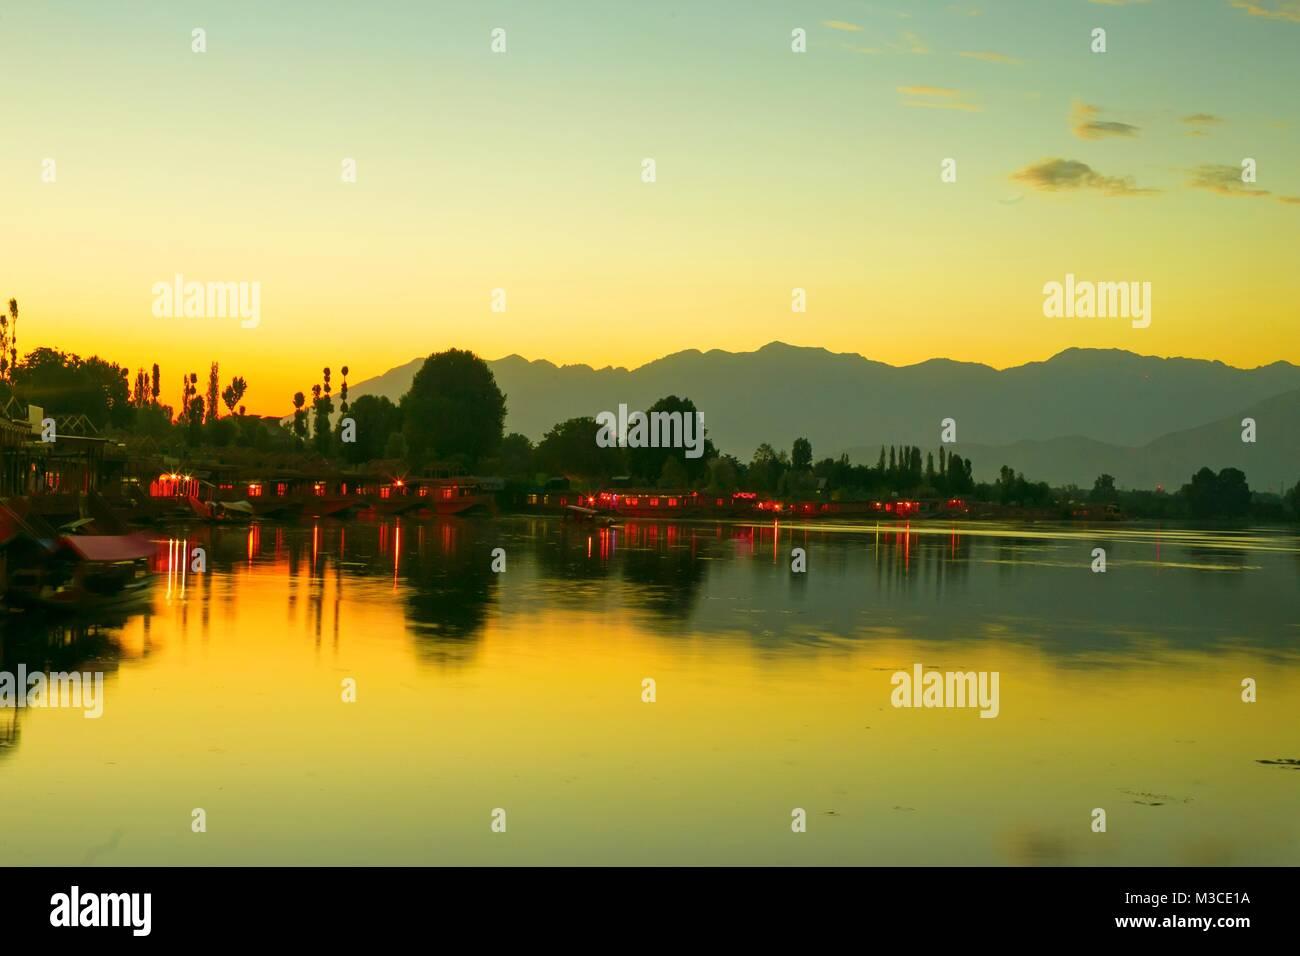 Sunrise on Dal lake, Kashmir India - Stock Image